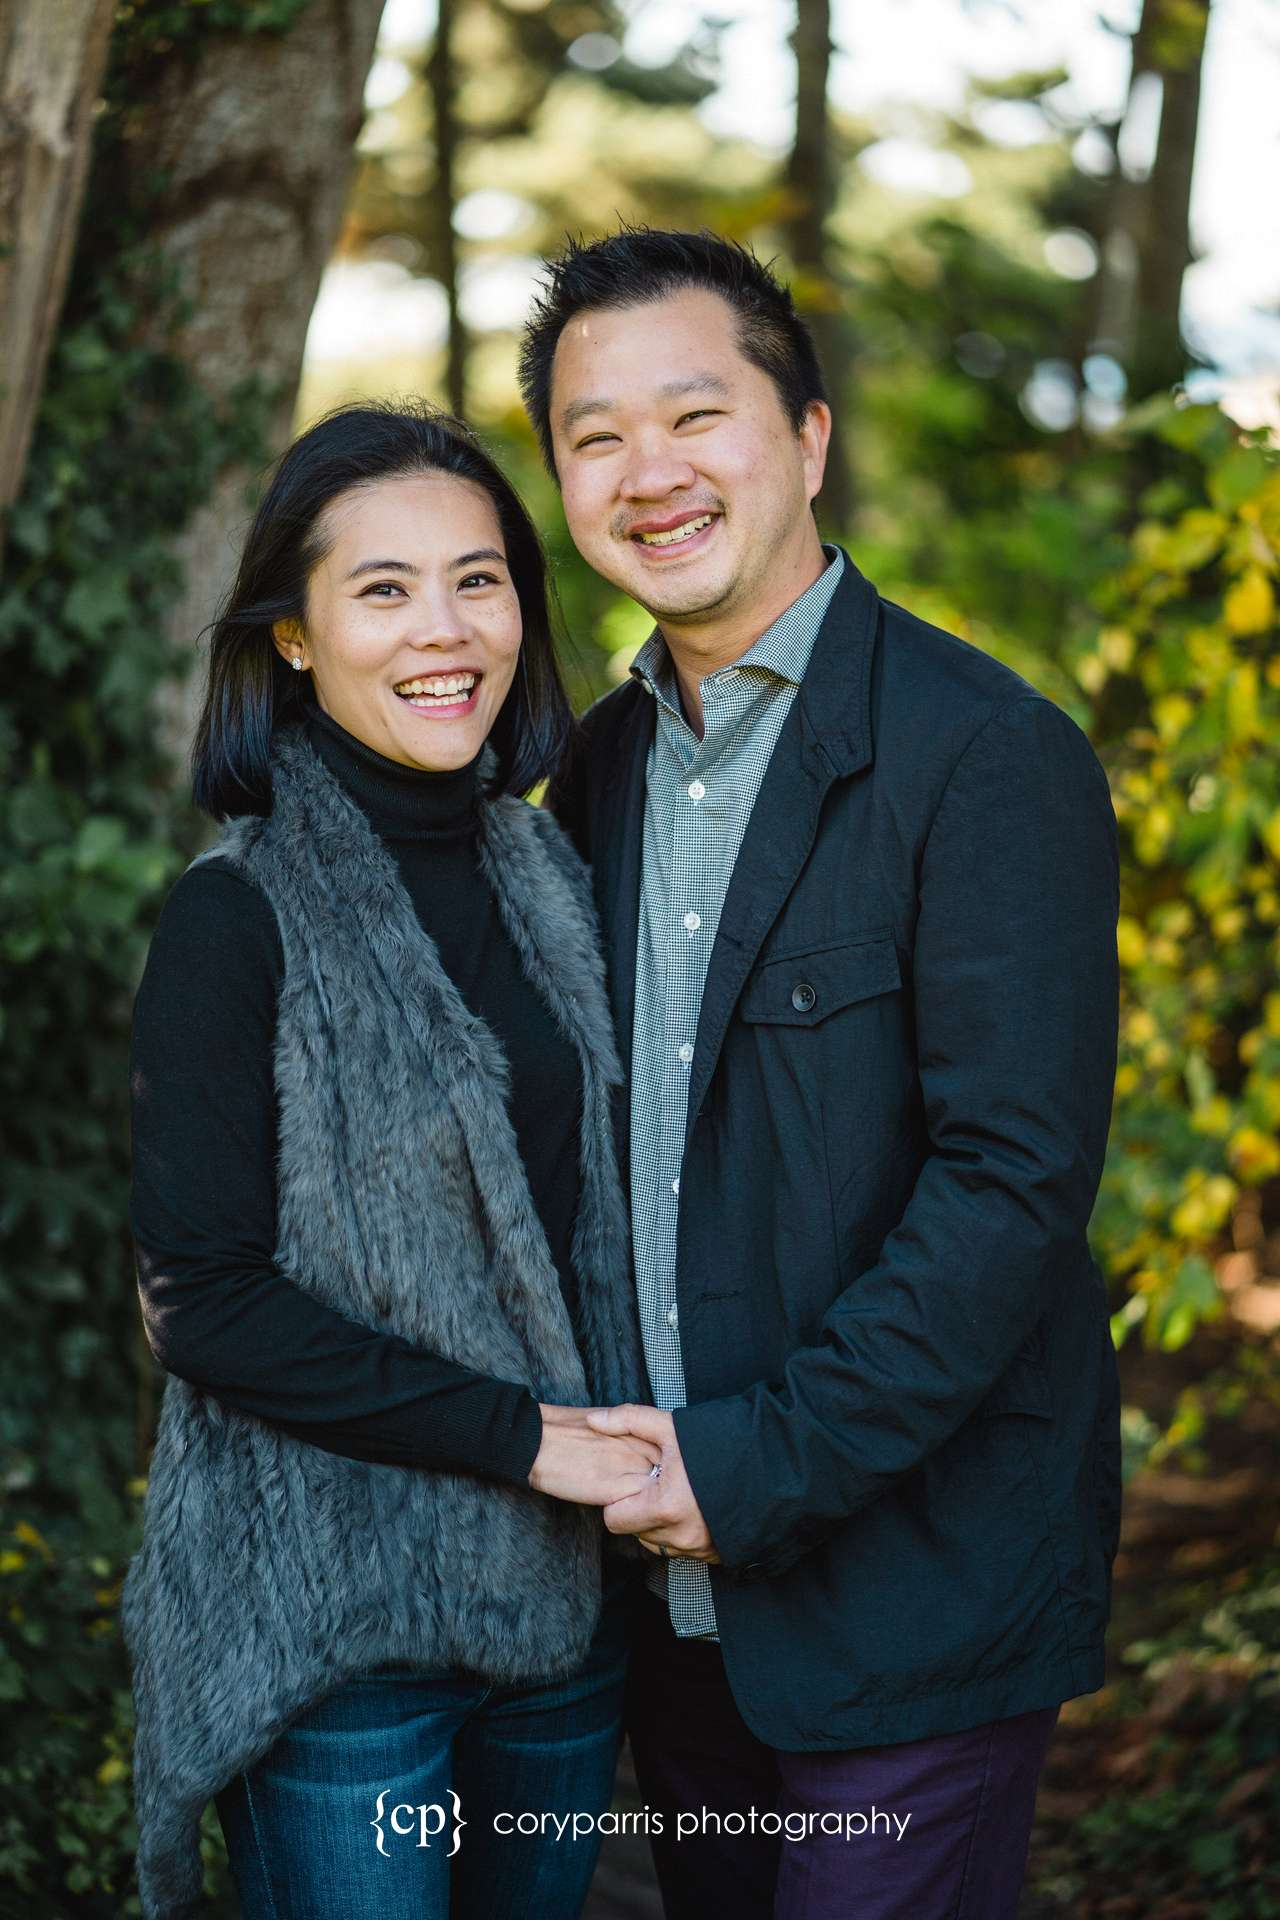 Seattle-family-portraits-golden-gardens-126.jpg